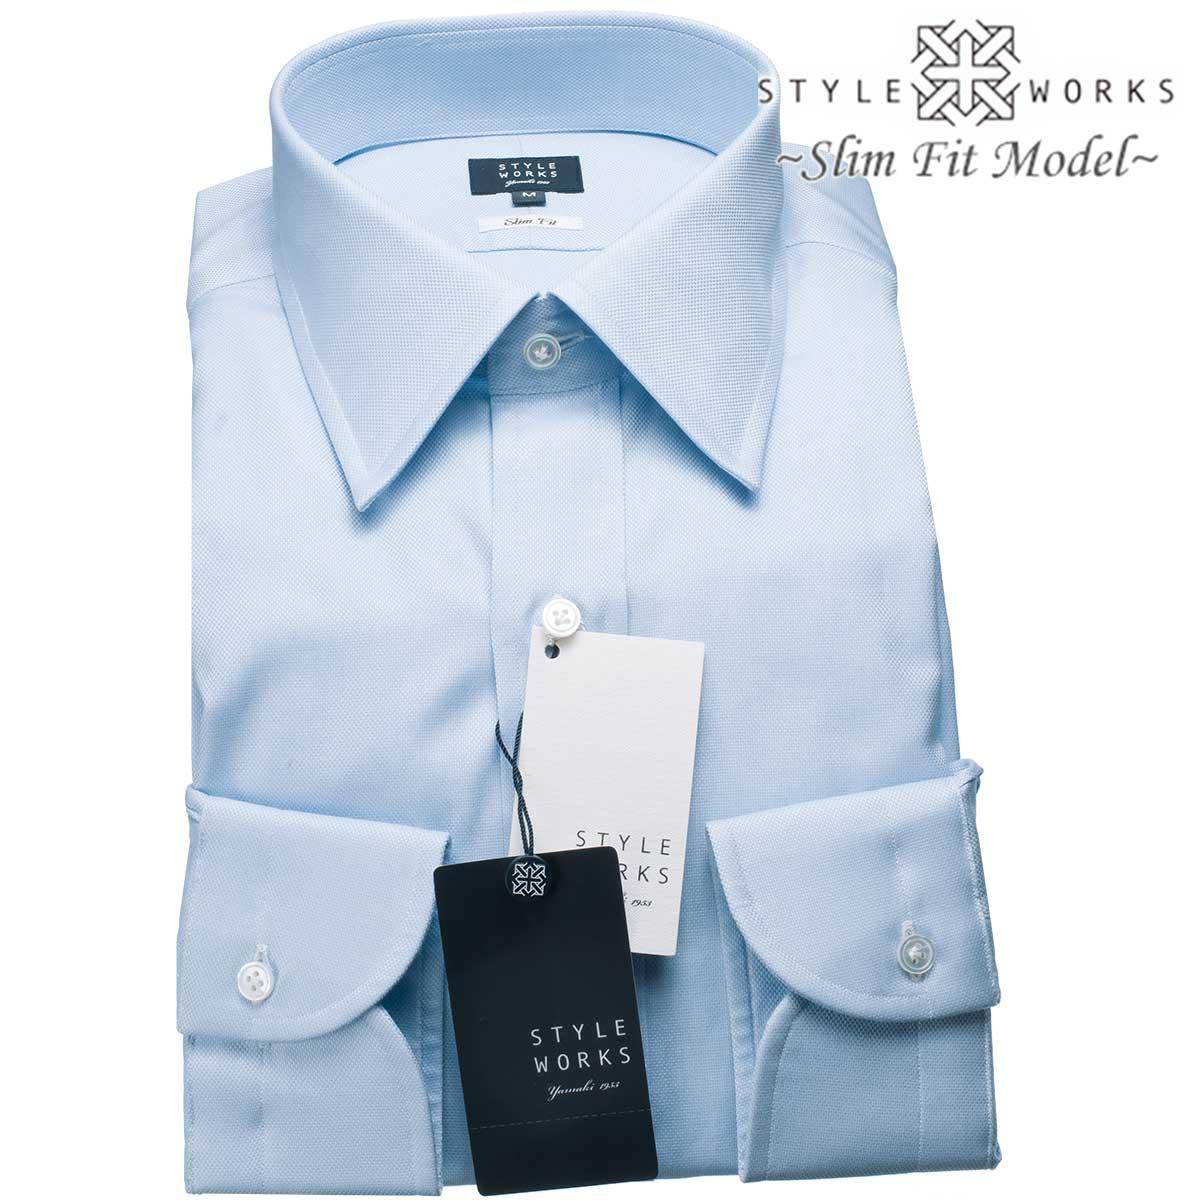 ドレスシャツ ワイシャツ シャツ メンズ 国産 長袖 スリムフィット GIZA88 レギュラーカラー ライトブルー ロイヤルオックスフォード